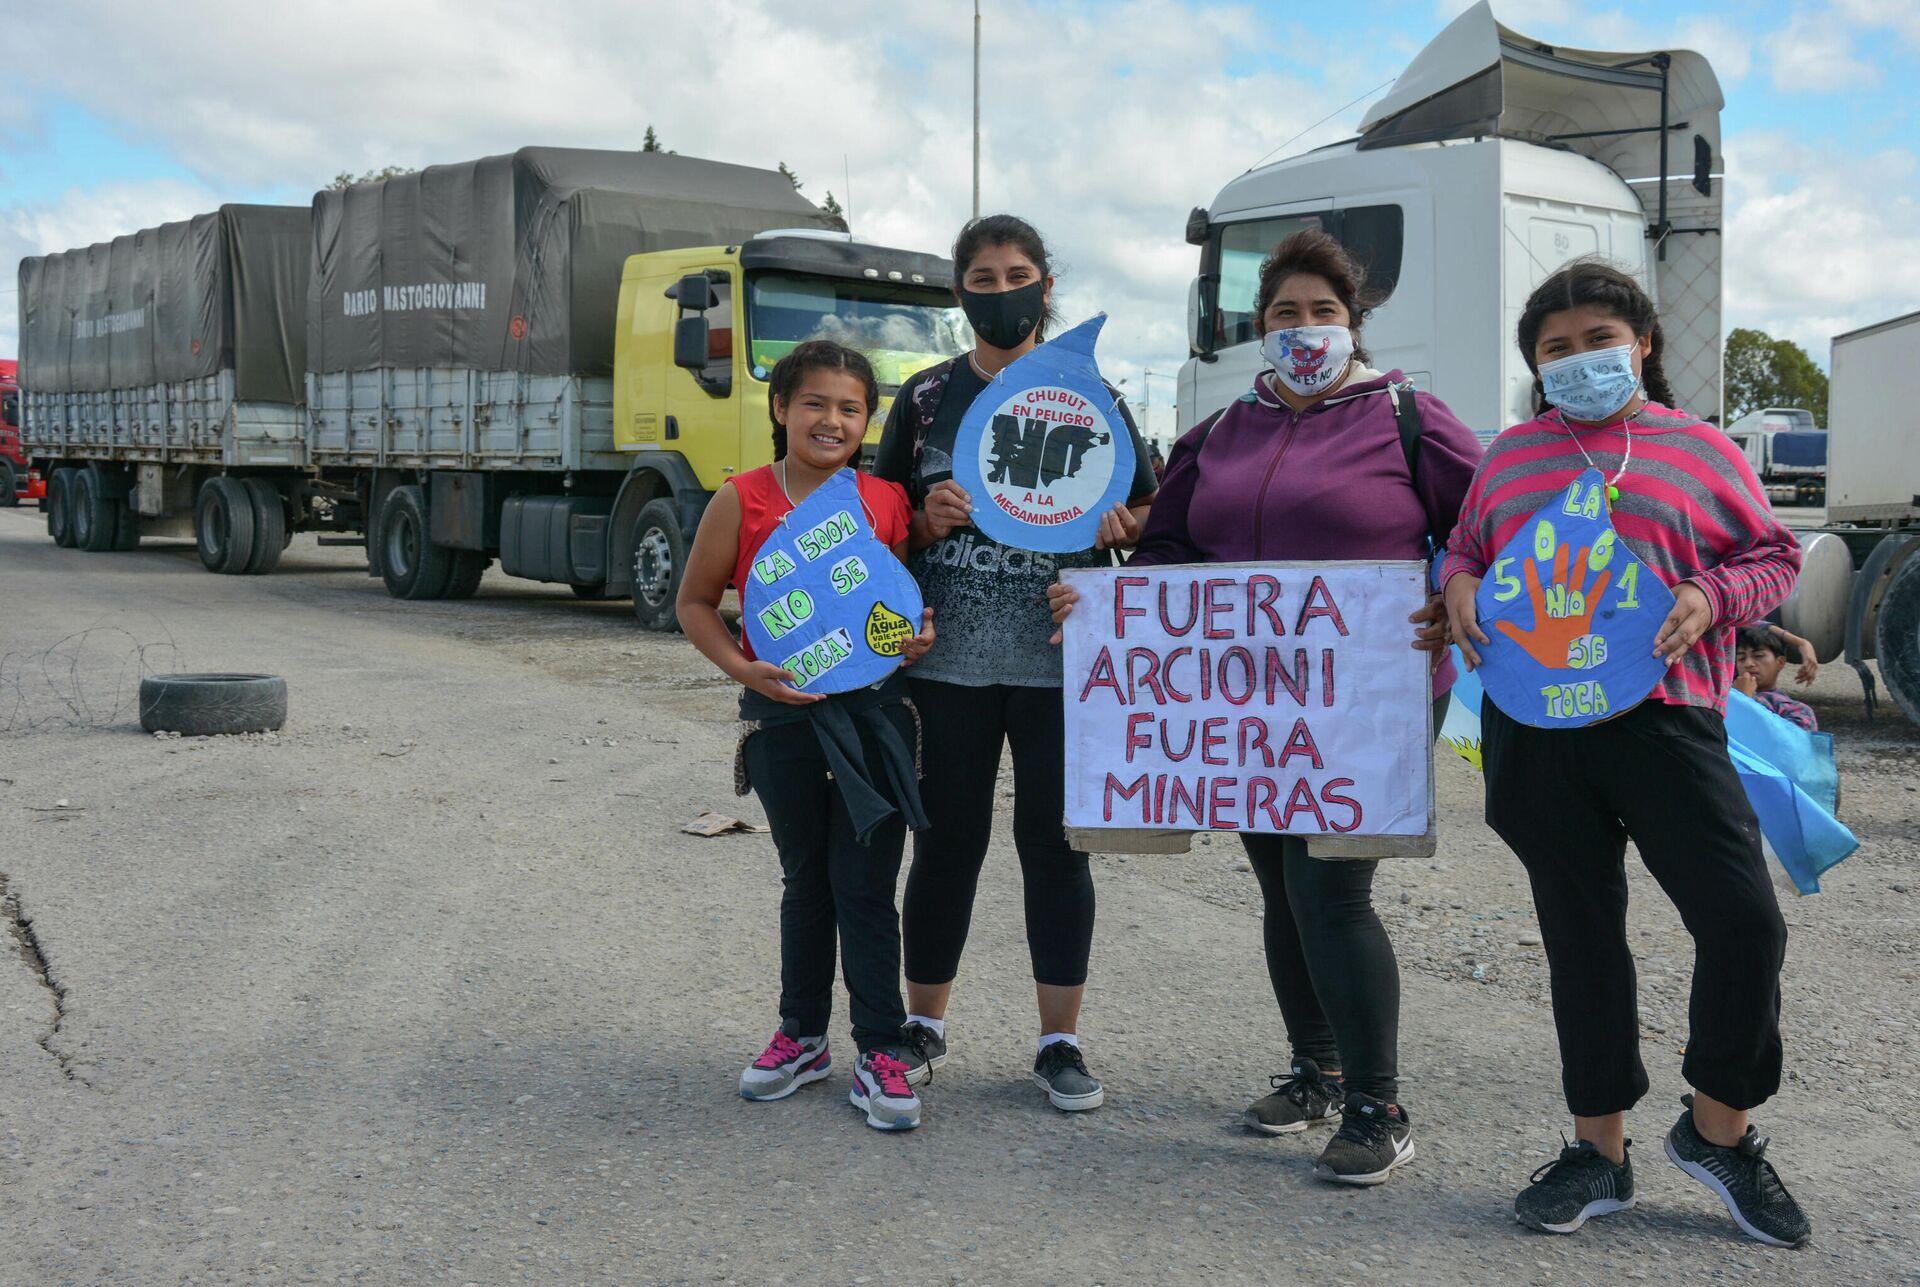 Cortes de ruta y movilizaciones en Chubut para rechazar la megaminería - Sputnik Mundo, 1920, 09.03.2021